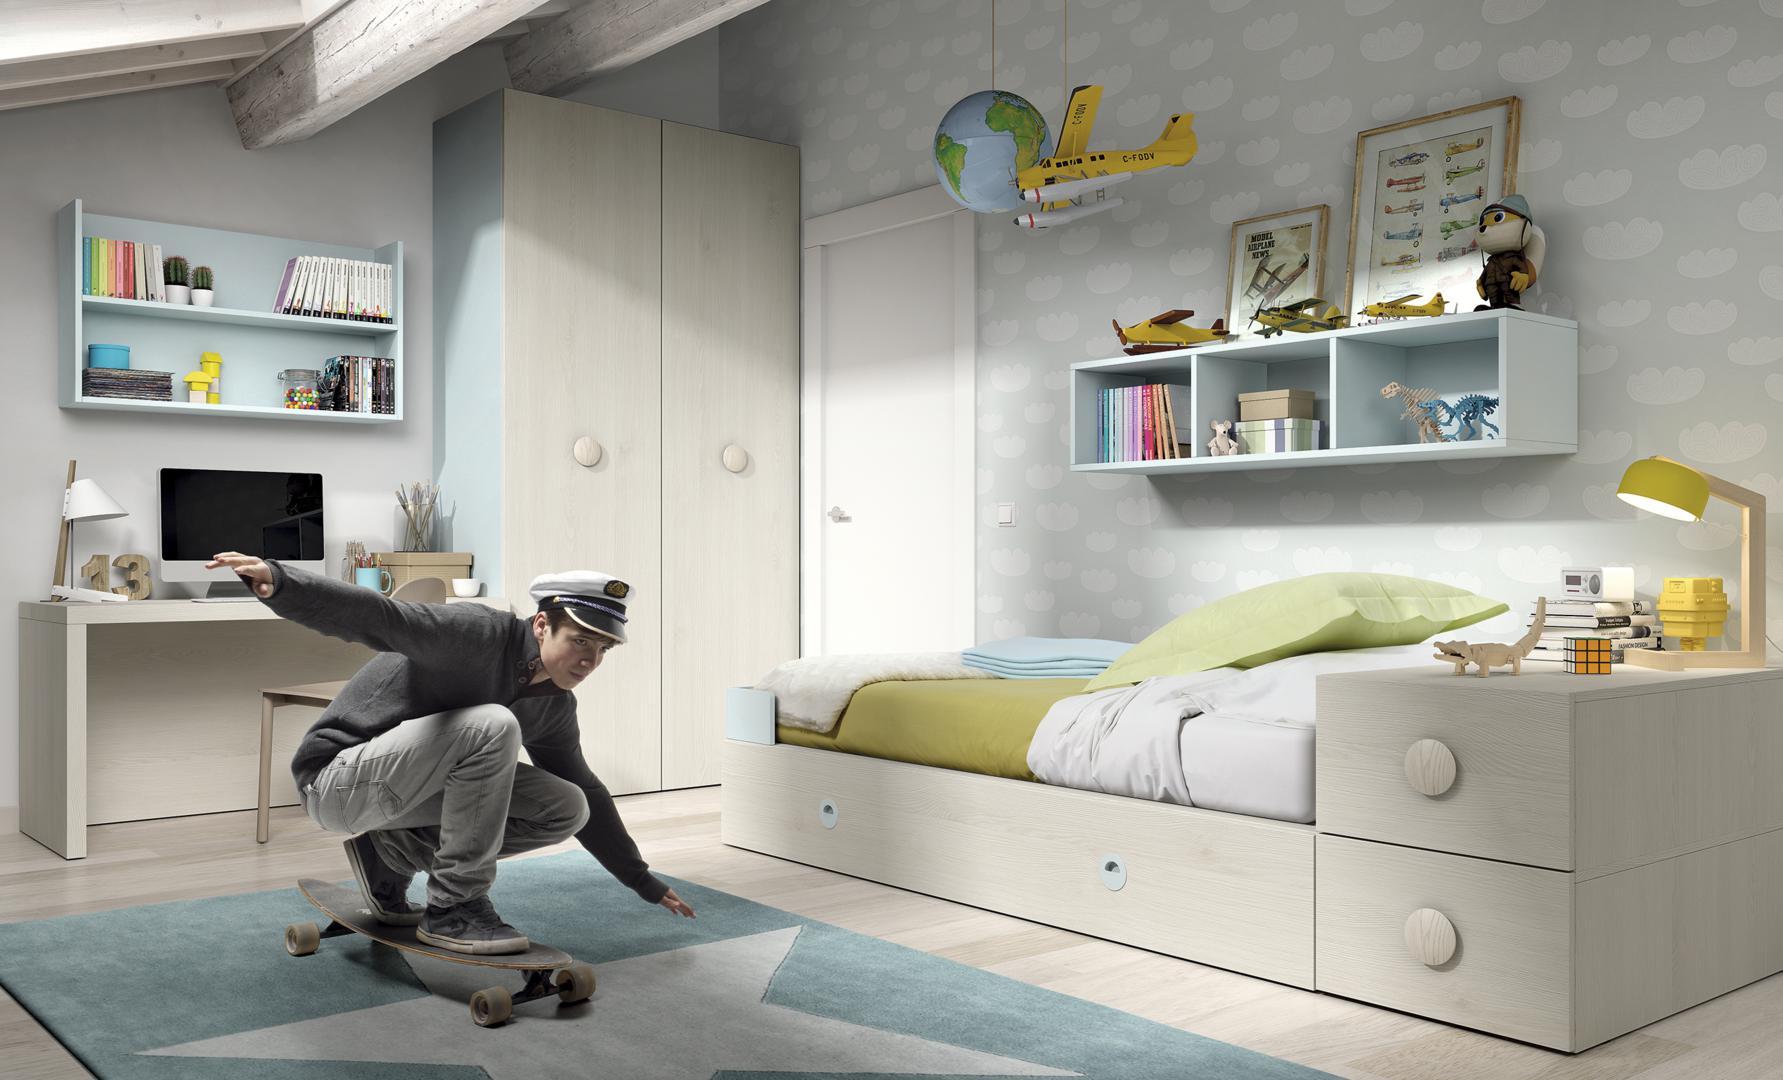 dormitorios infantiles (14)